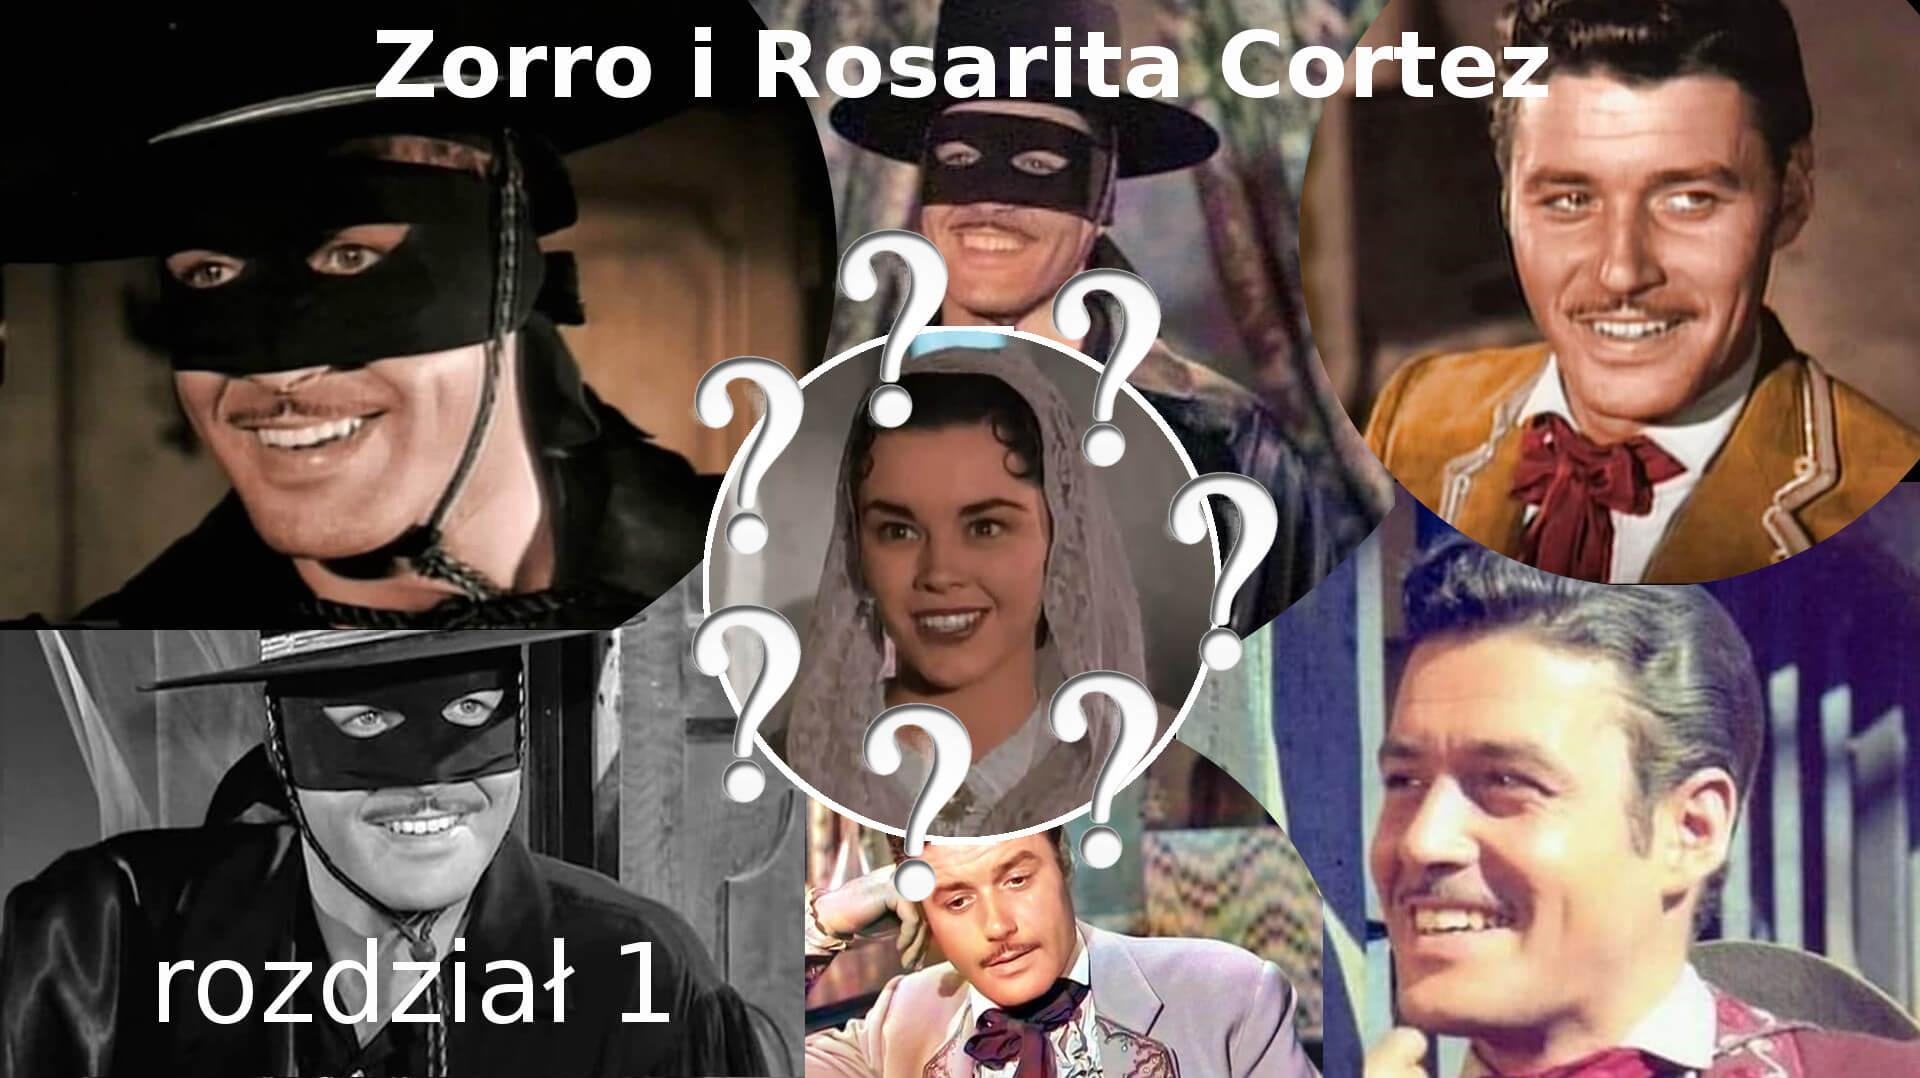 Zorro i Rosarita Cortez rozdział 1 Zorro fanfiction